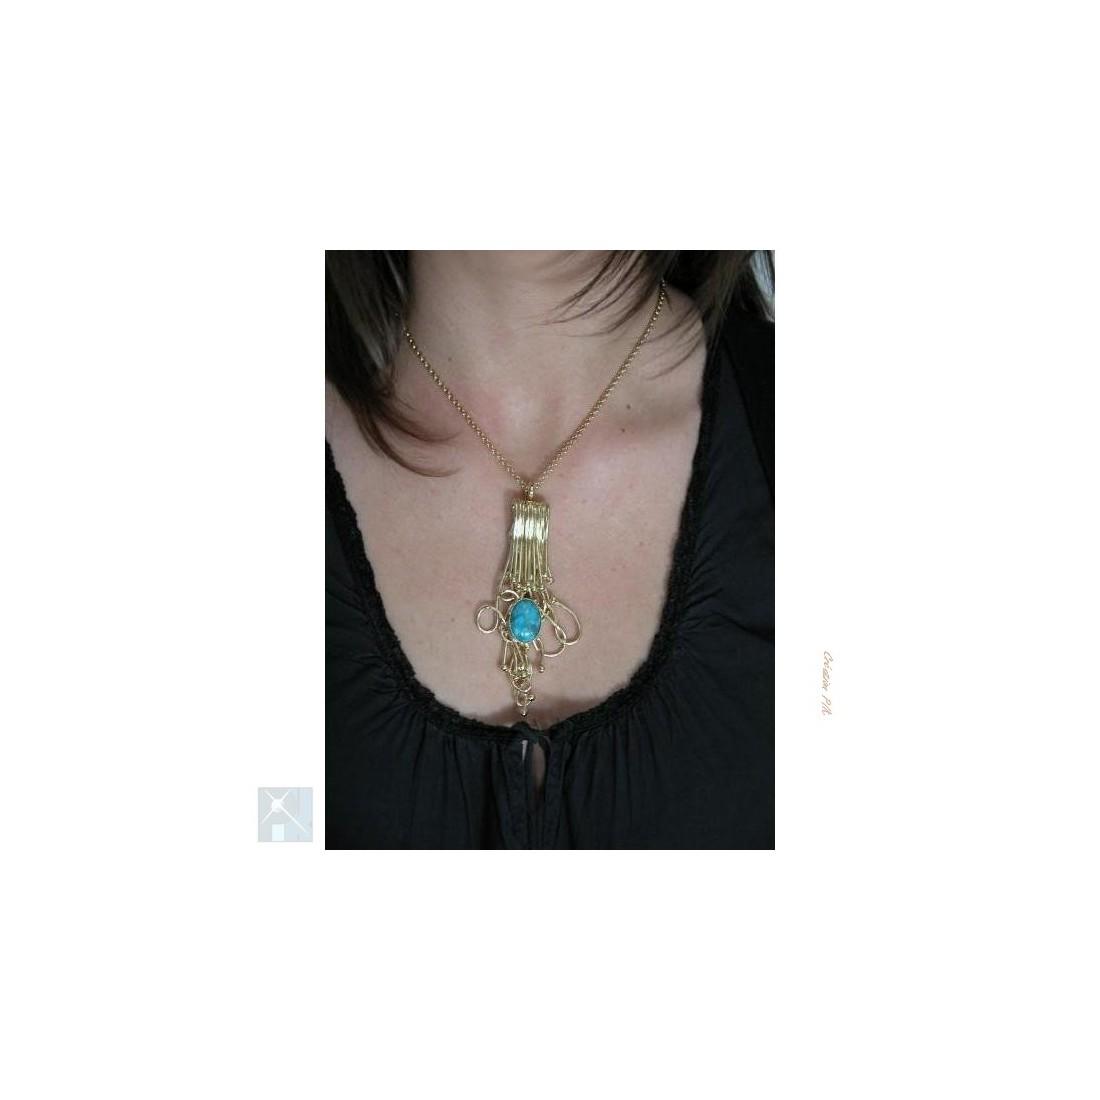 Pendentif, création en fil de laiton avec la turquoise.